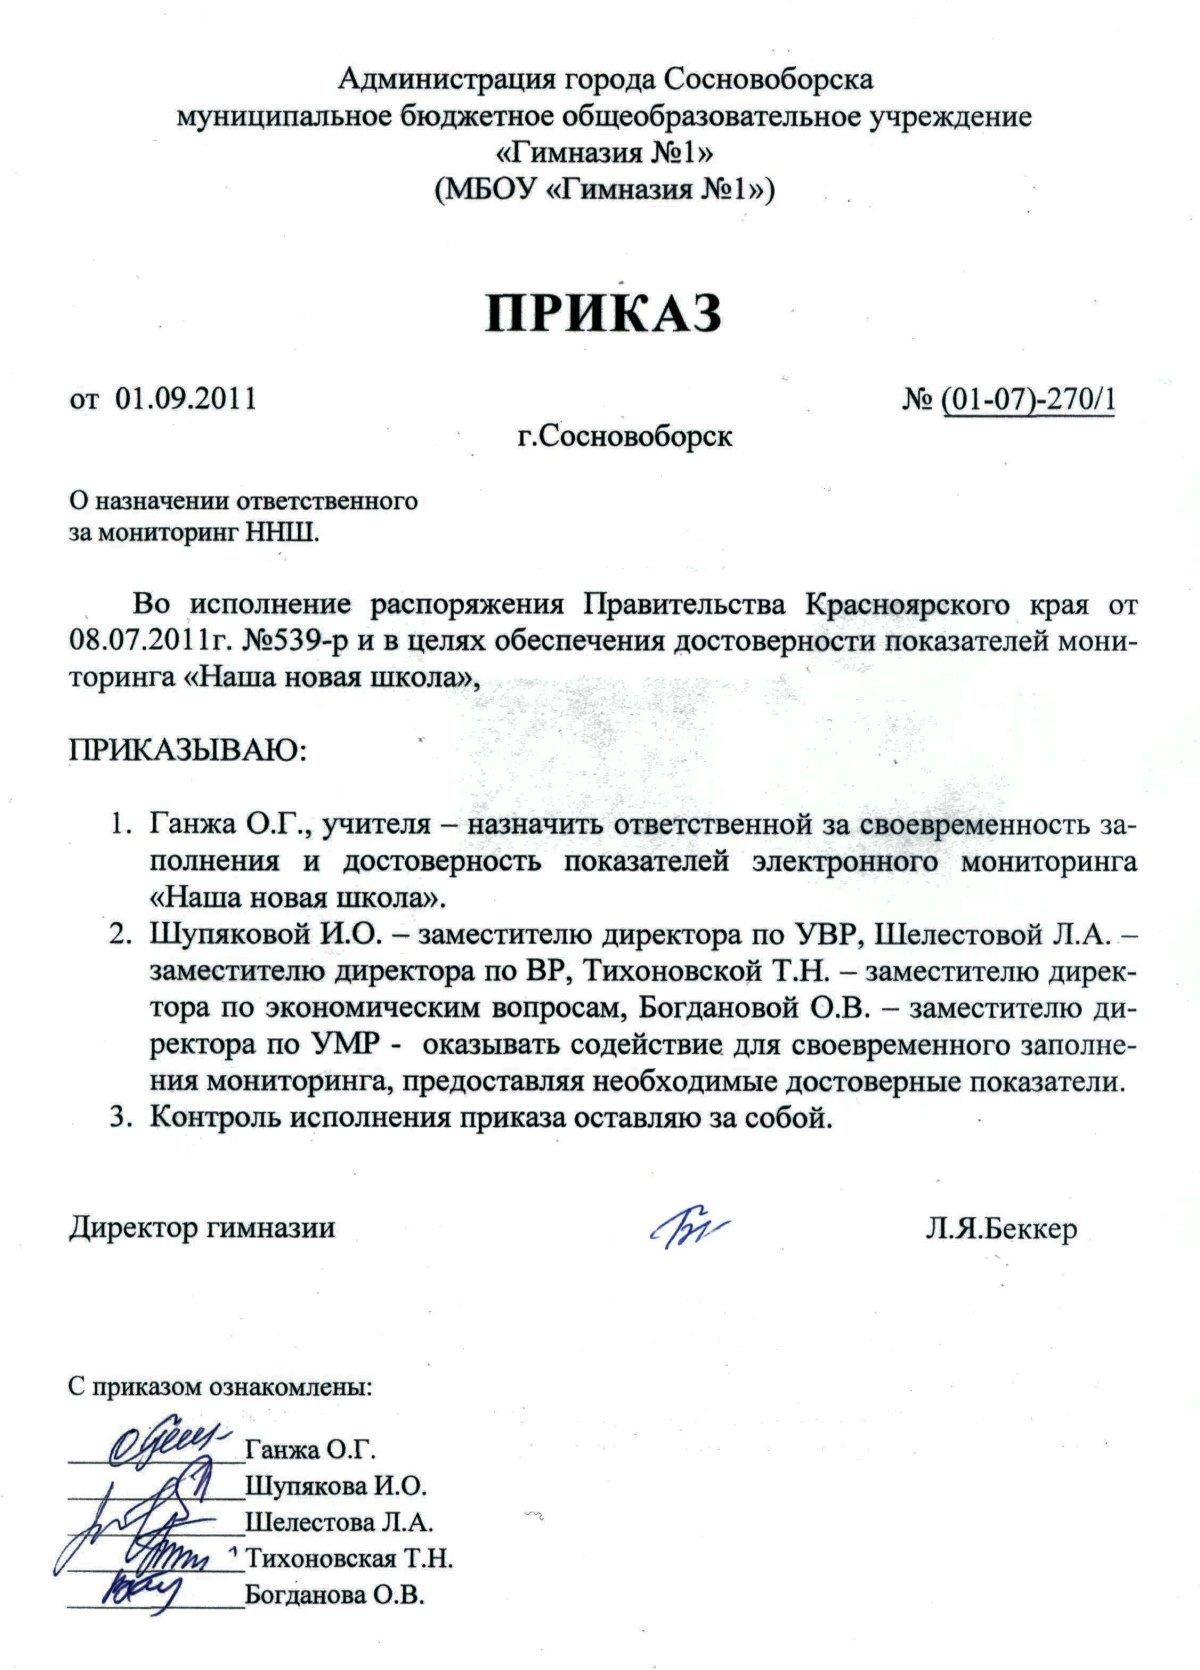 Ст. 46 ч. 1 п. 4 фз об исполнительном производстве